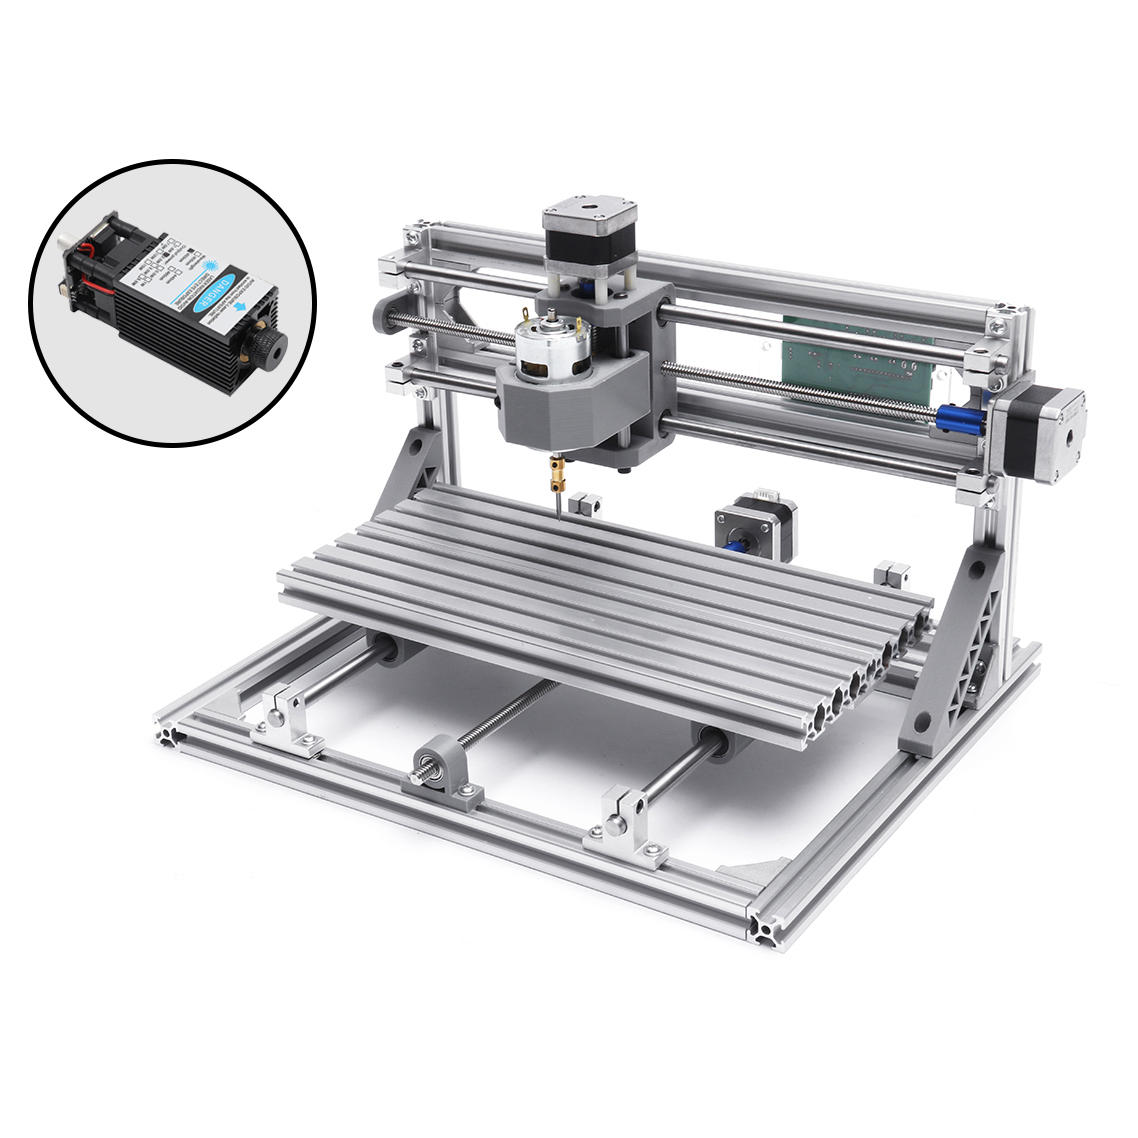 3018 3 Axes Mini DIY CNC Routeur w/ 2500mW Laser Module Graveur pour Gravure Coupe Fraisage du Bois